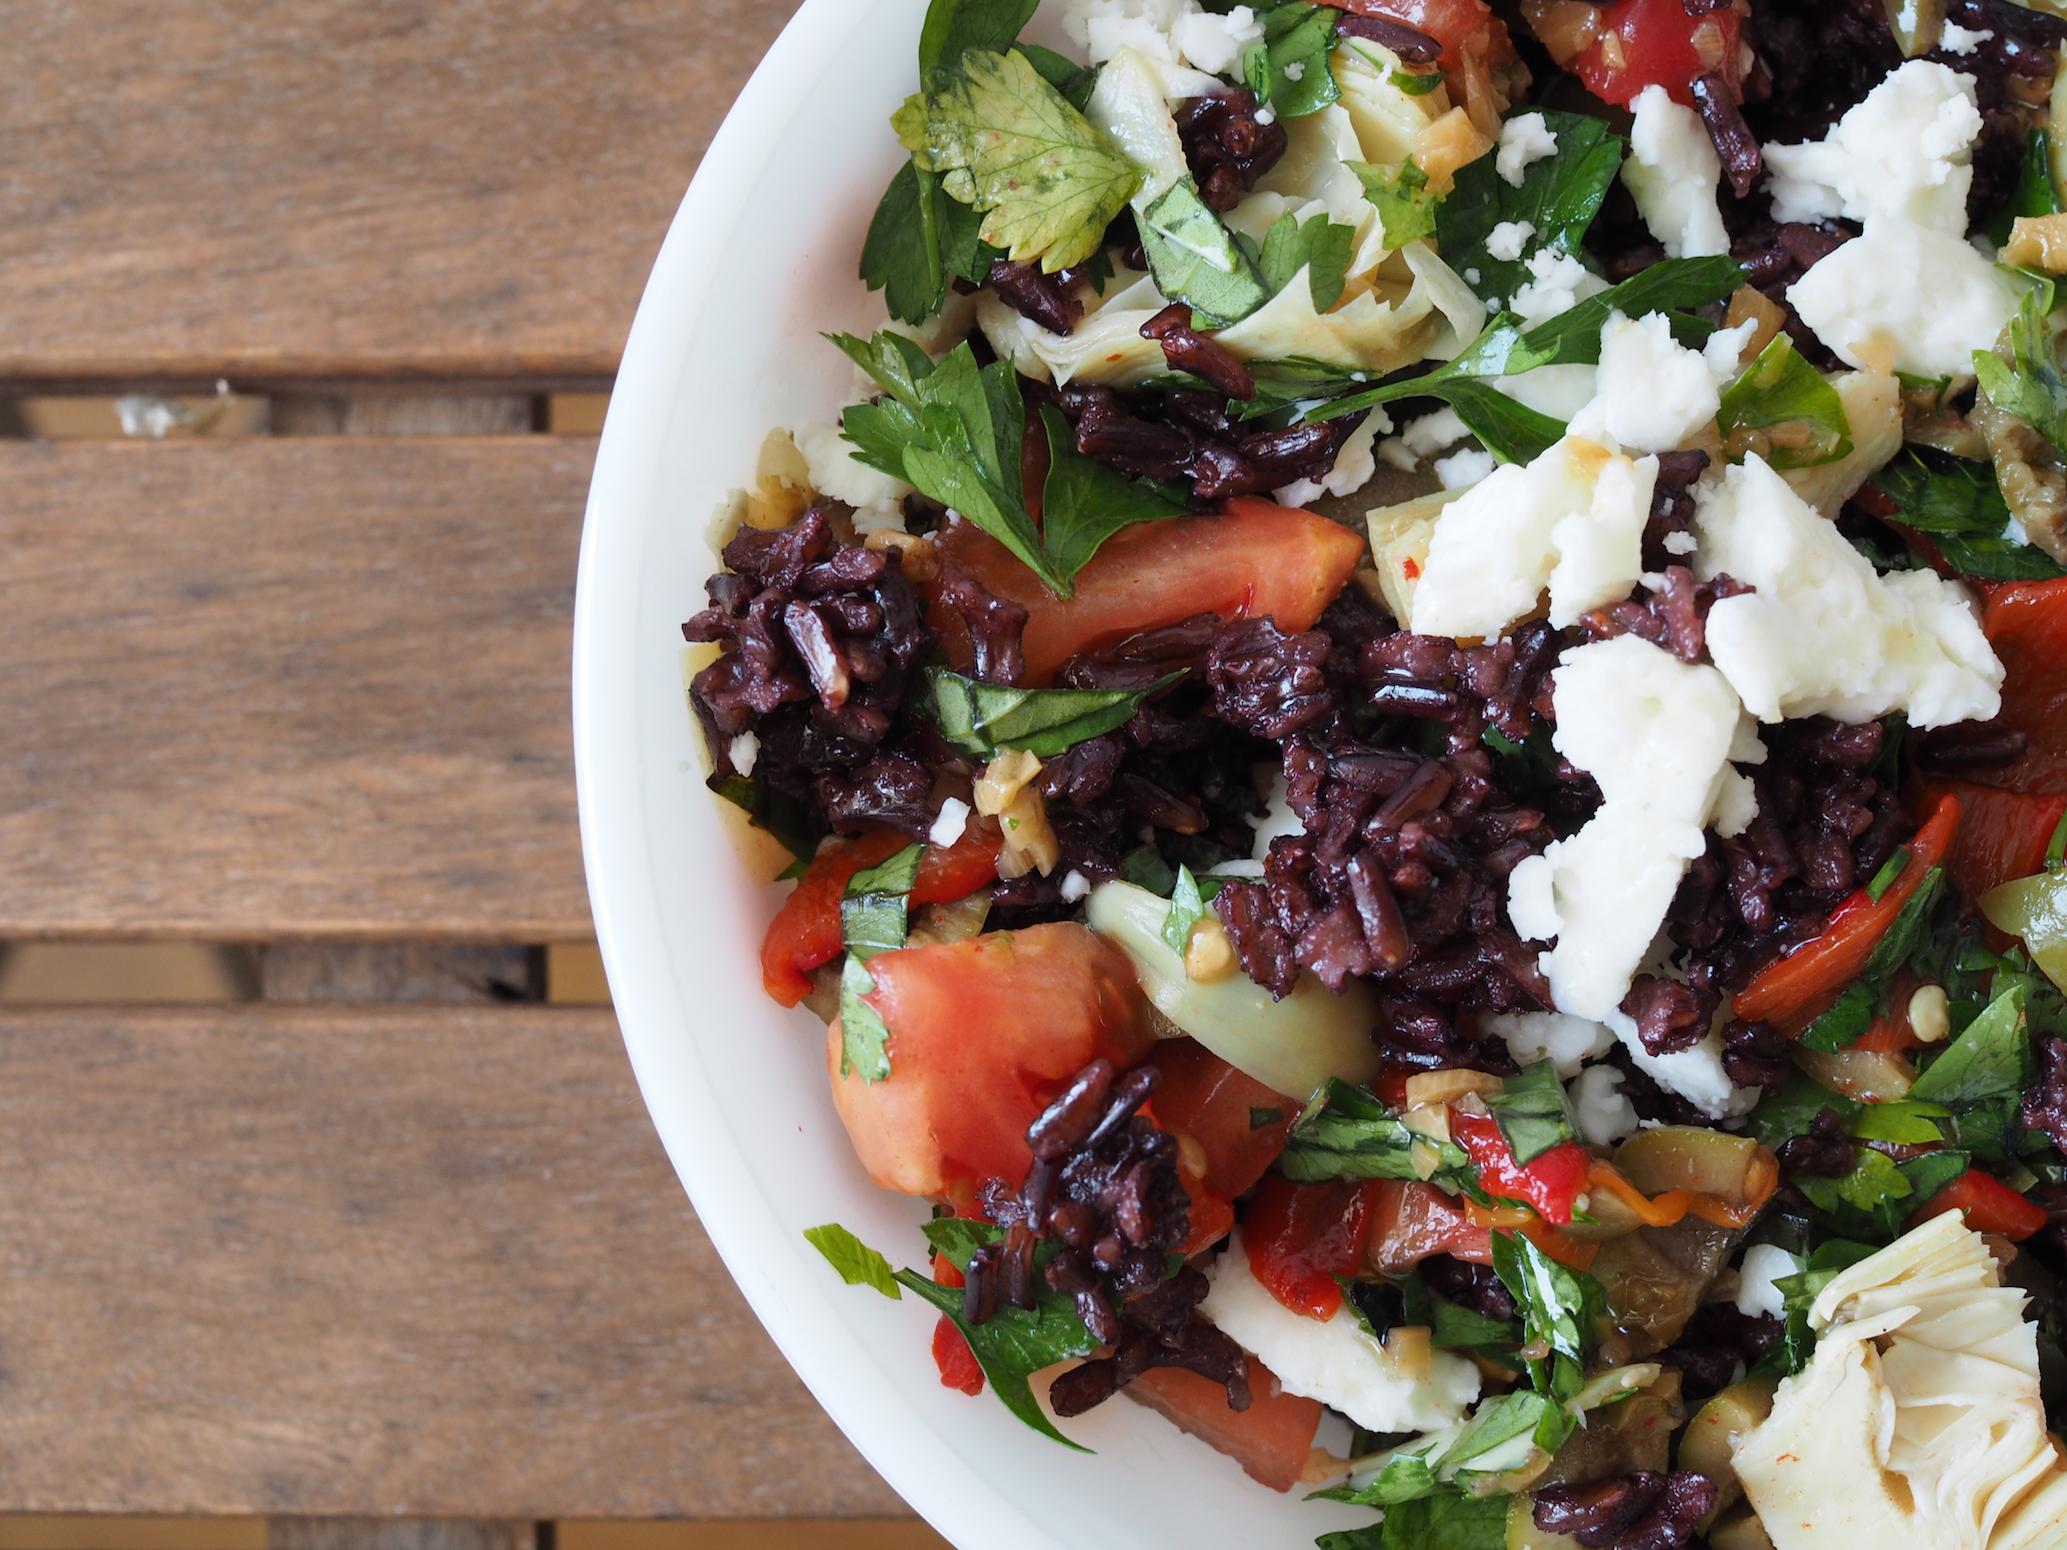 Pilav yiyip kendini iyi hissetmek; siyah pirinç, enginar kalbi, çeri domates, beyaz peynir, maydanoz. Balsamik sirkeli sos ile.